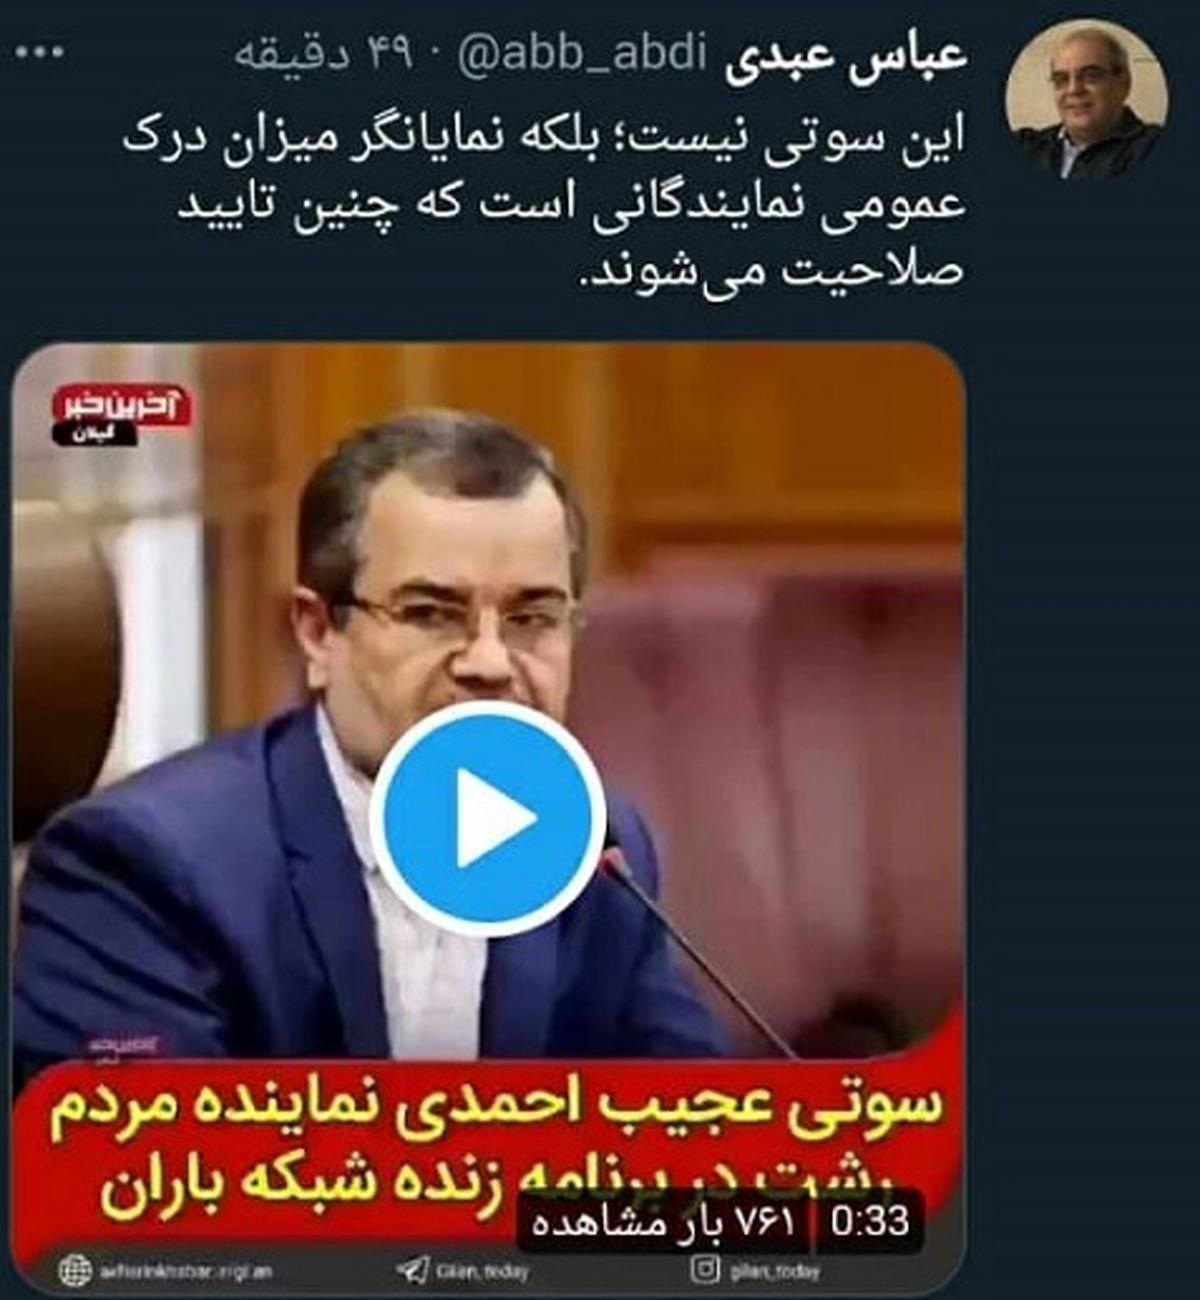 عباس عبدی سوتی نماینده رشت را دست گرفت! | سوتی نماینده رشت درباره سال جدید